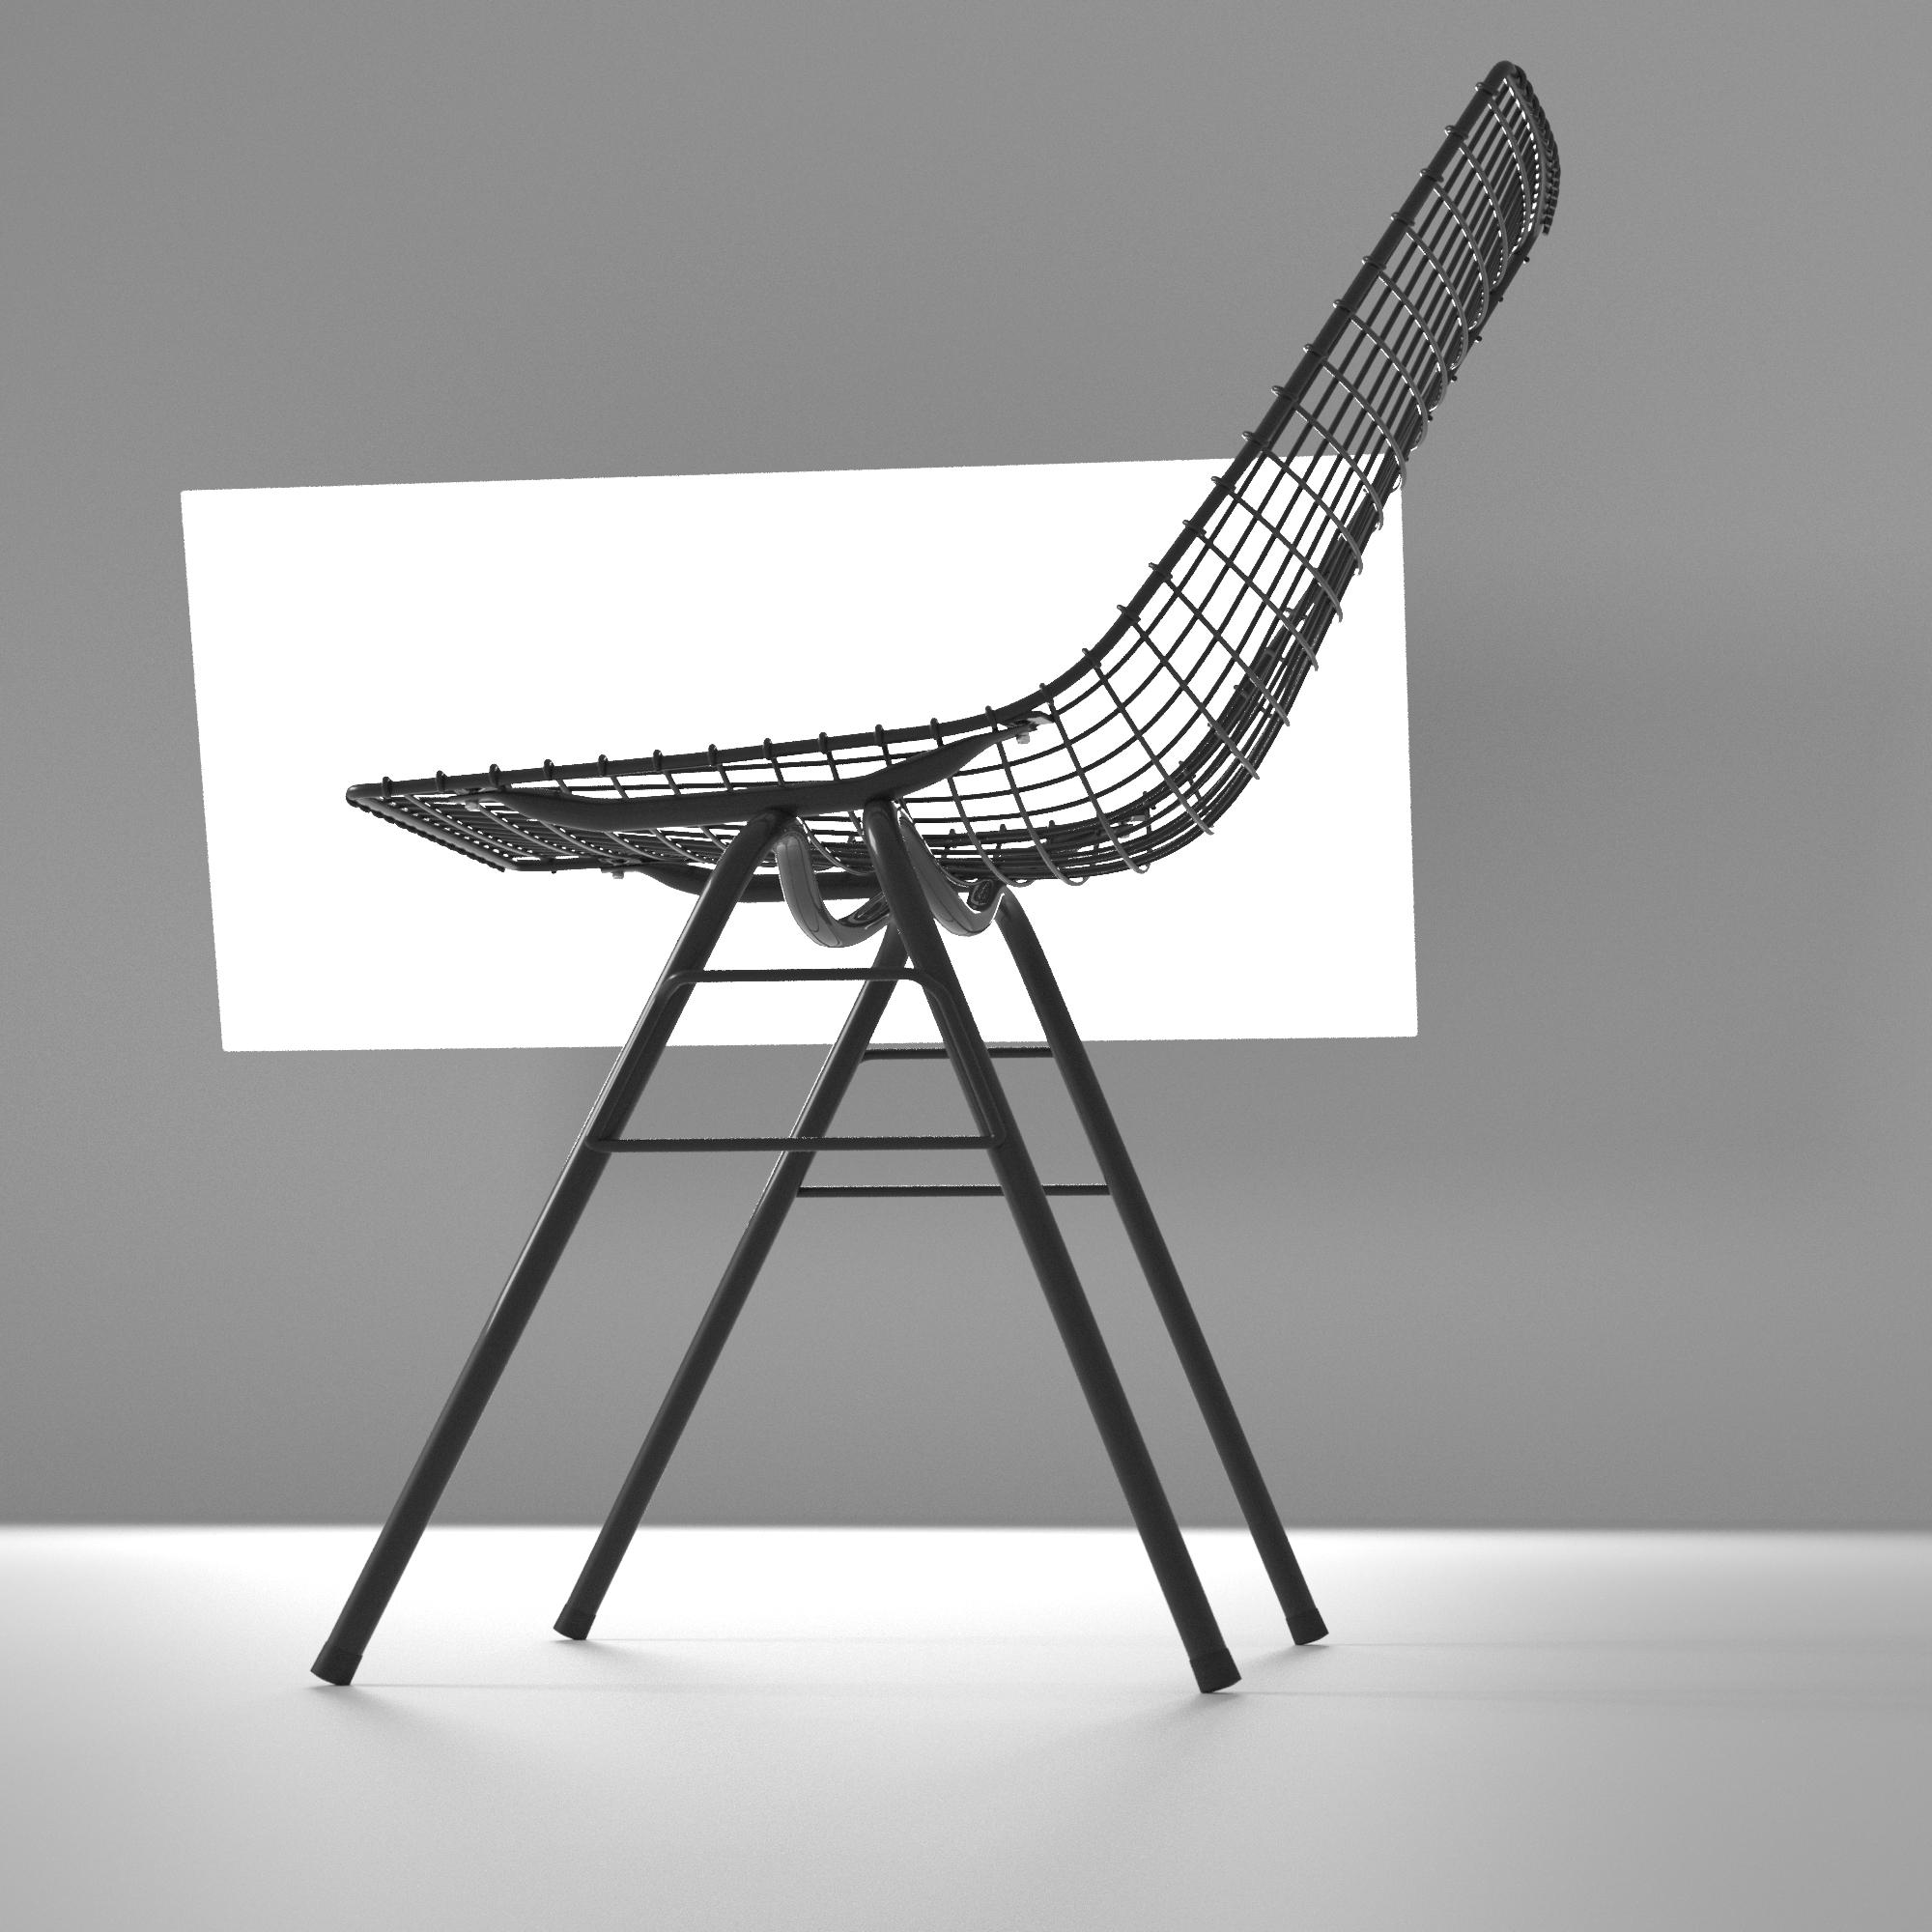 wizualizacja produktowa krzesła